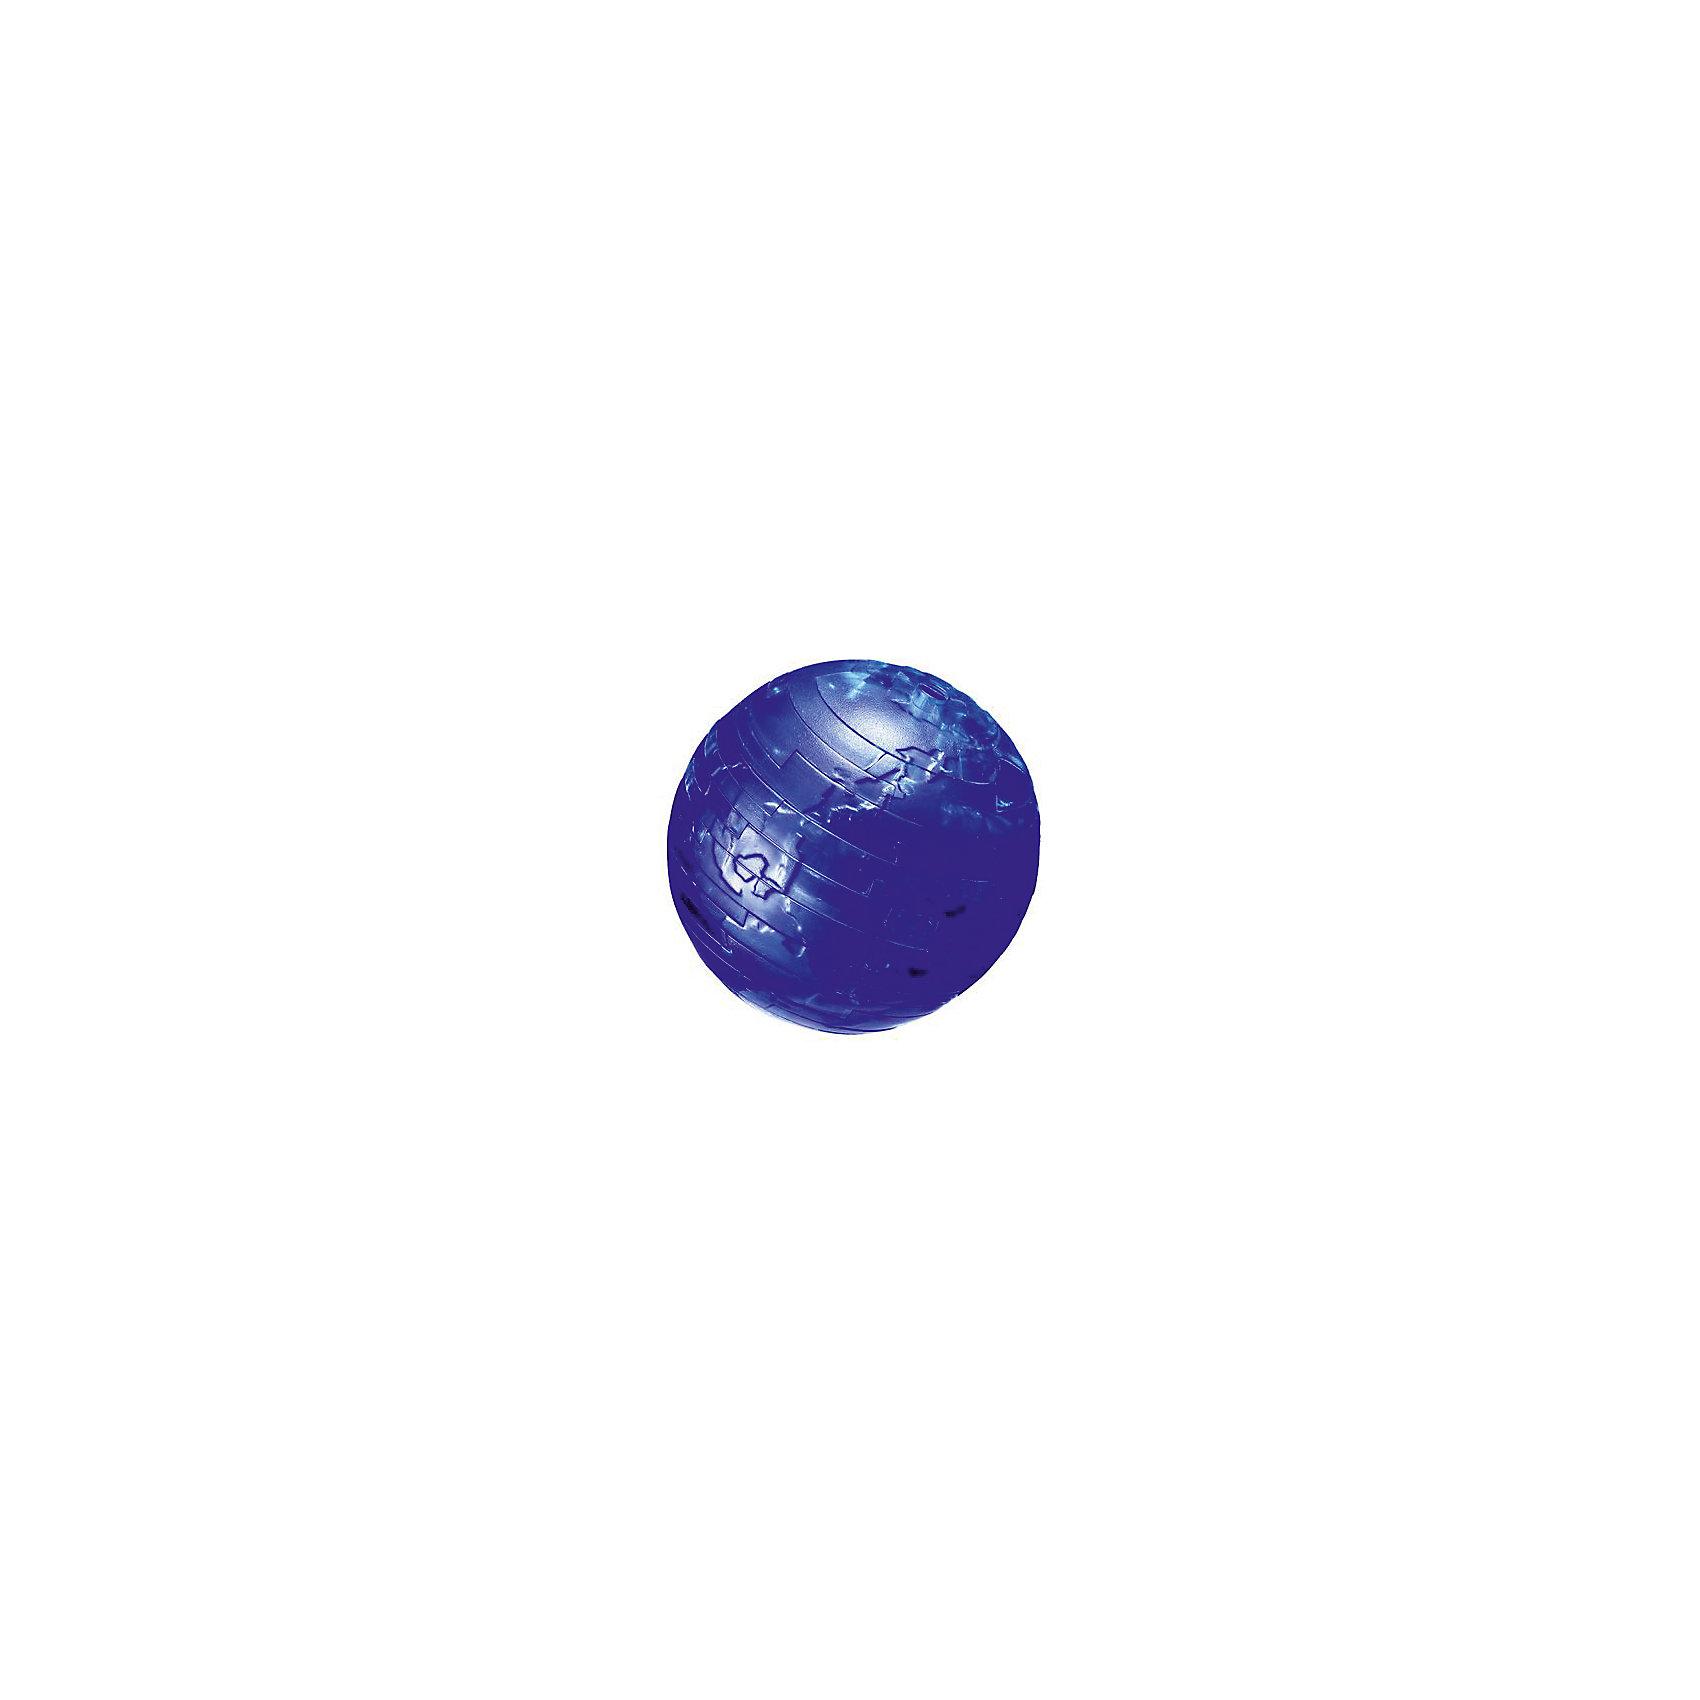 Кристаллический пазл 3D Планета Земля, Crystal Puzzle3D пазлы<br>Кристаллический пазл 3D Планета Земля, Crystal Puzzle (Кристал Пазл)<br><br>Характеристики:<br><br>• яркий объемный пазл<br>• размер готовой фигурки: 9 см<br>• количество деталей: 40<br>• высокая сложность<br>• размер упаковки: 5х14х10 см<br>• вес: 260 грамм<br>• материал: пластик<br><br>Планета Земля - объёмный пазл из полупрозрачного пластика. Он состоит из 40 пронумерованных деталей, разобраться с которыми вам поможет подробная инструкция. Готовая фигурка напоминает нашу планету, и даже материки и континенты обозначены на своих местах. Вы можете поместить её на стол или полку для украшения комнаты. Собирание пазлов способствует развитию моторики, логического и пространственного мышления.<br><br>Кристаллический пазл 3D Планета Земля, Crystal Puzzle (Кристал Пазл) вы можете купить в нашем интернет-магазине.<br><br>Ширина мм: 100<br>Глубина мм: 140<br>Высота мм: 50<br>Вес г: 260<br>Возраст от месяцев: 120<br>Возраст до месяцев: 2147483647<br>Пол: Унисекс<br>Возраст: Детский<br>SKU: 5397247